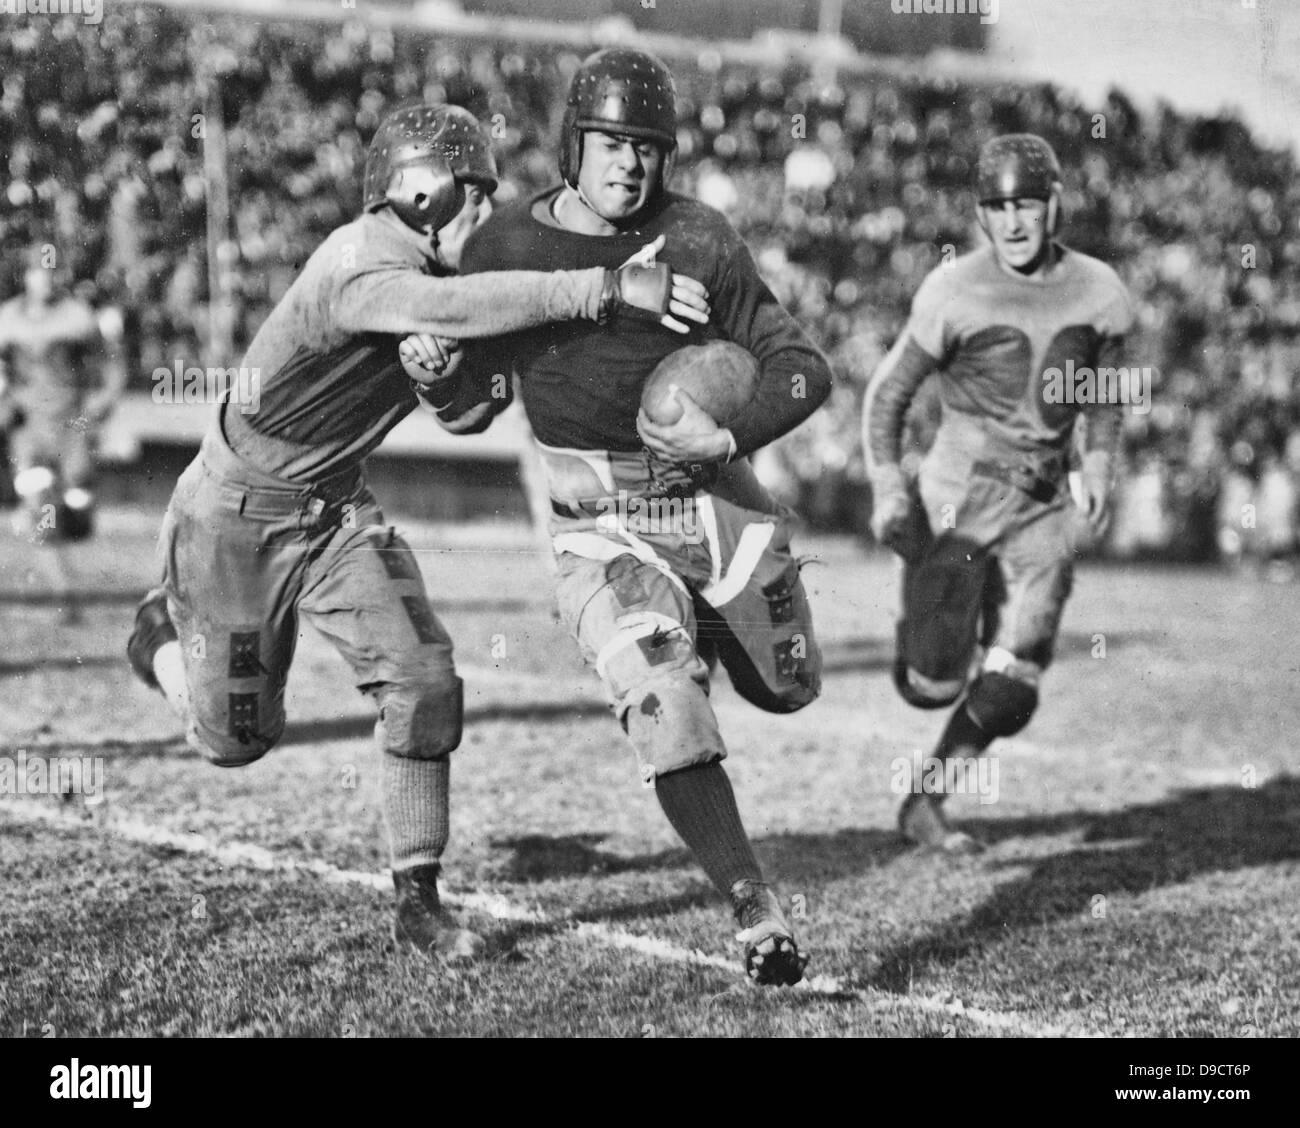 Fútbol - Fútbol Americano Vintage, circa 1925 Imagen De Stock